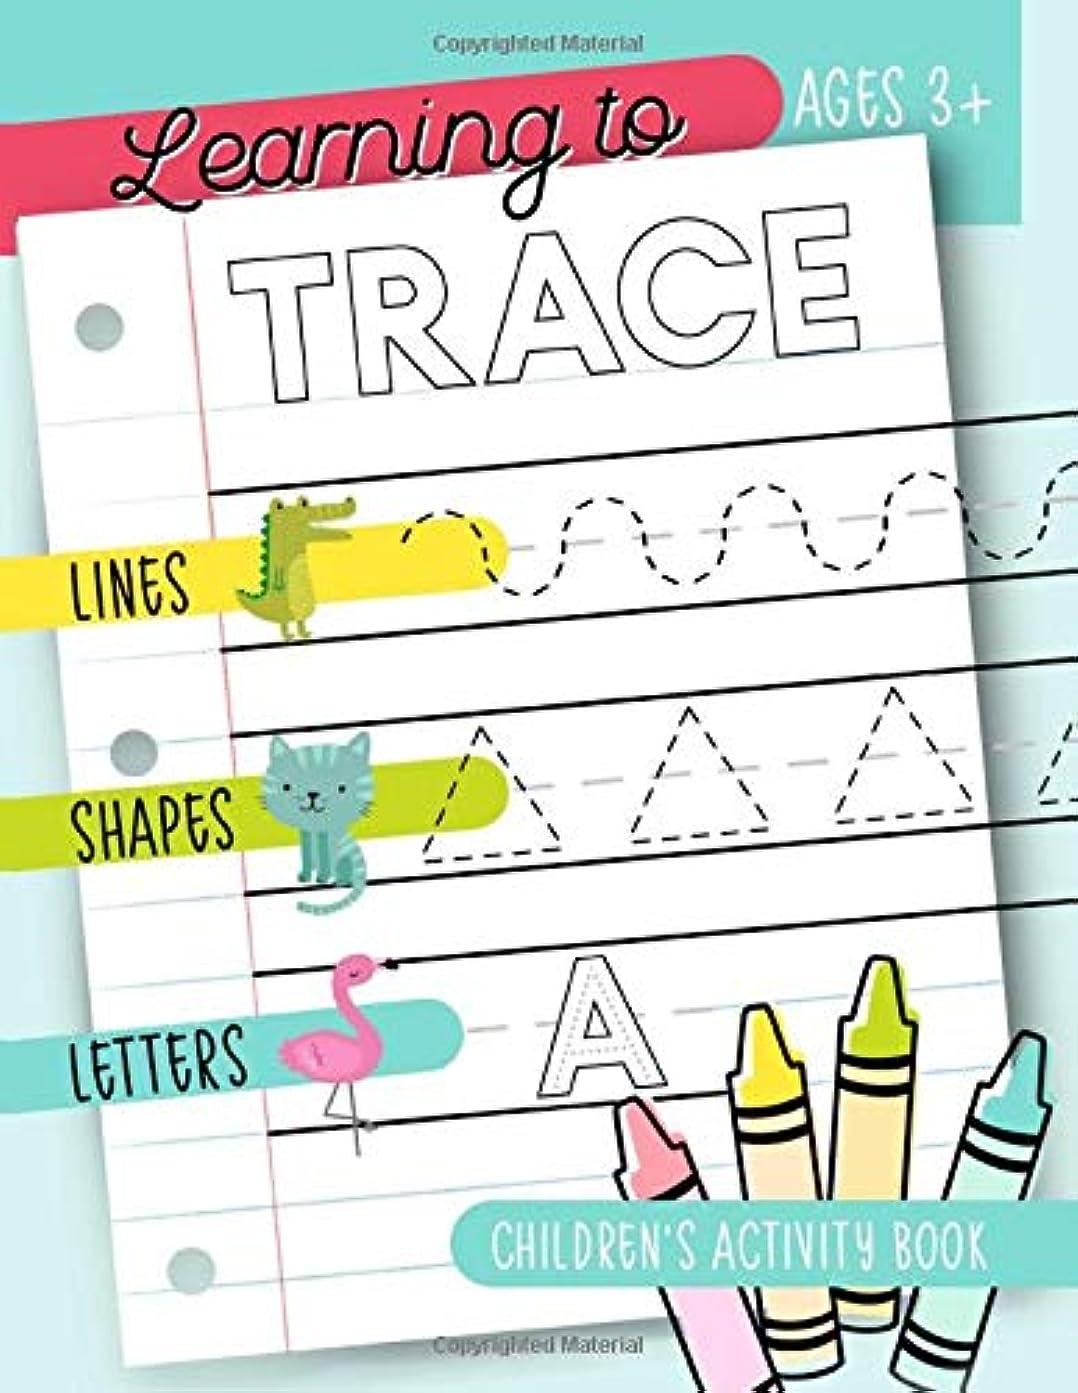 作業磁器申込みLearning to Trace: Children's Activity Book: Lines Shapes Letters Ages 3+: A Beginner Kids Tracing Workbook for Toddlers, Preschool, Pre-K & Kindergarten Boys & Girls